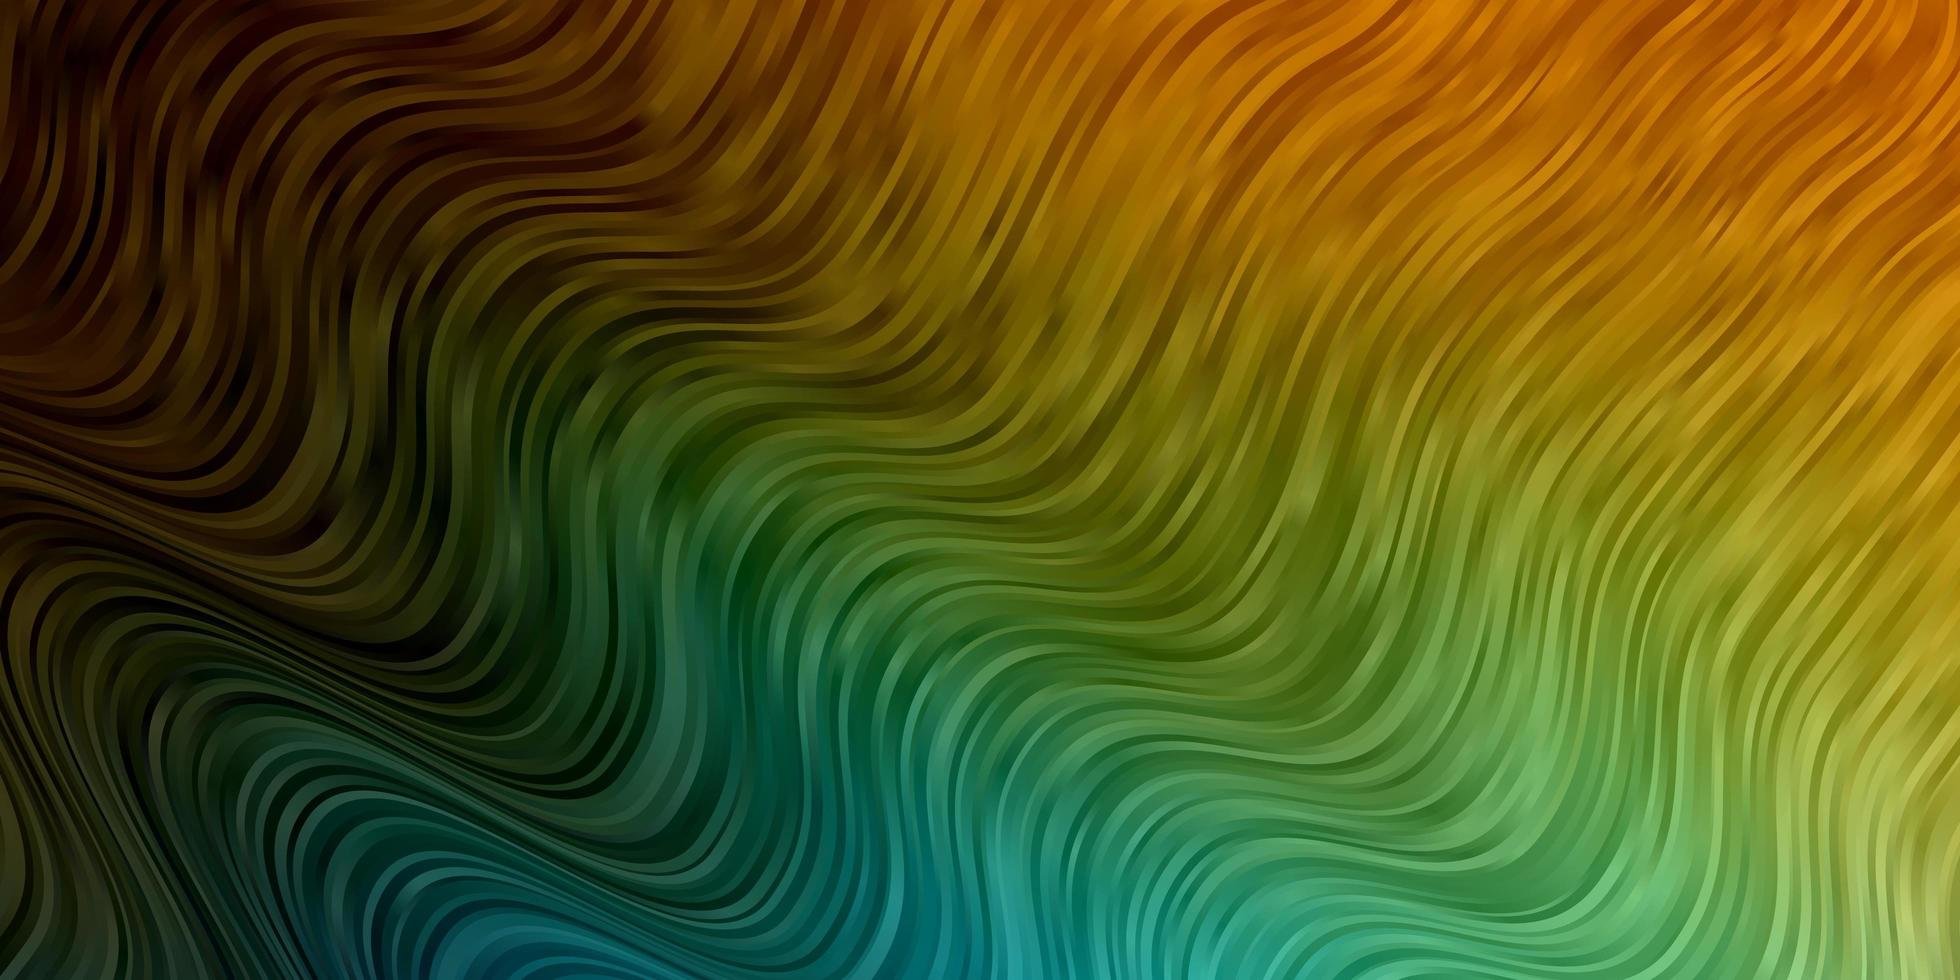 ljusblå, gul bakgrund med sneda linjer. vektor